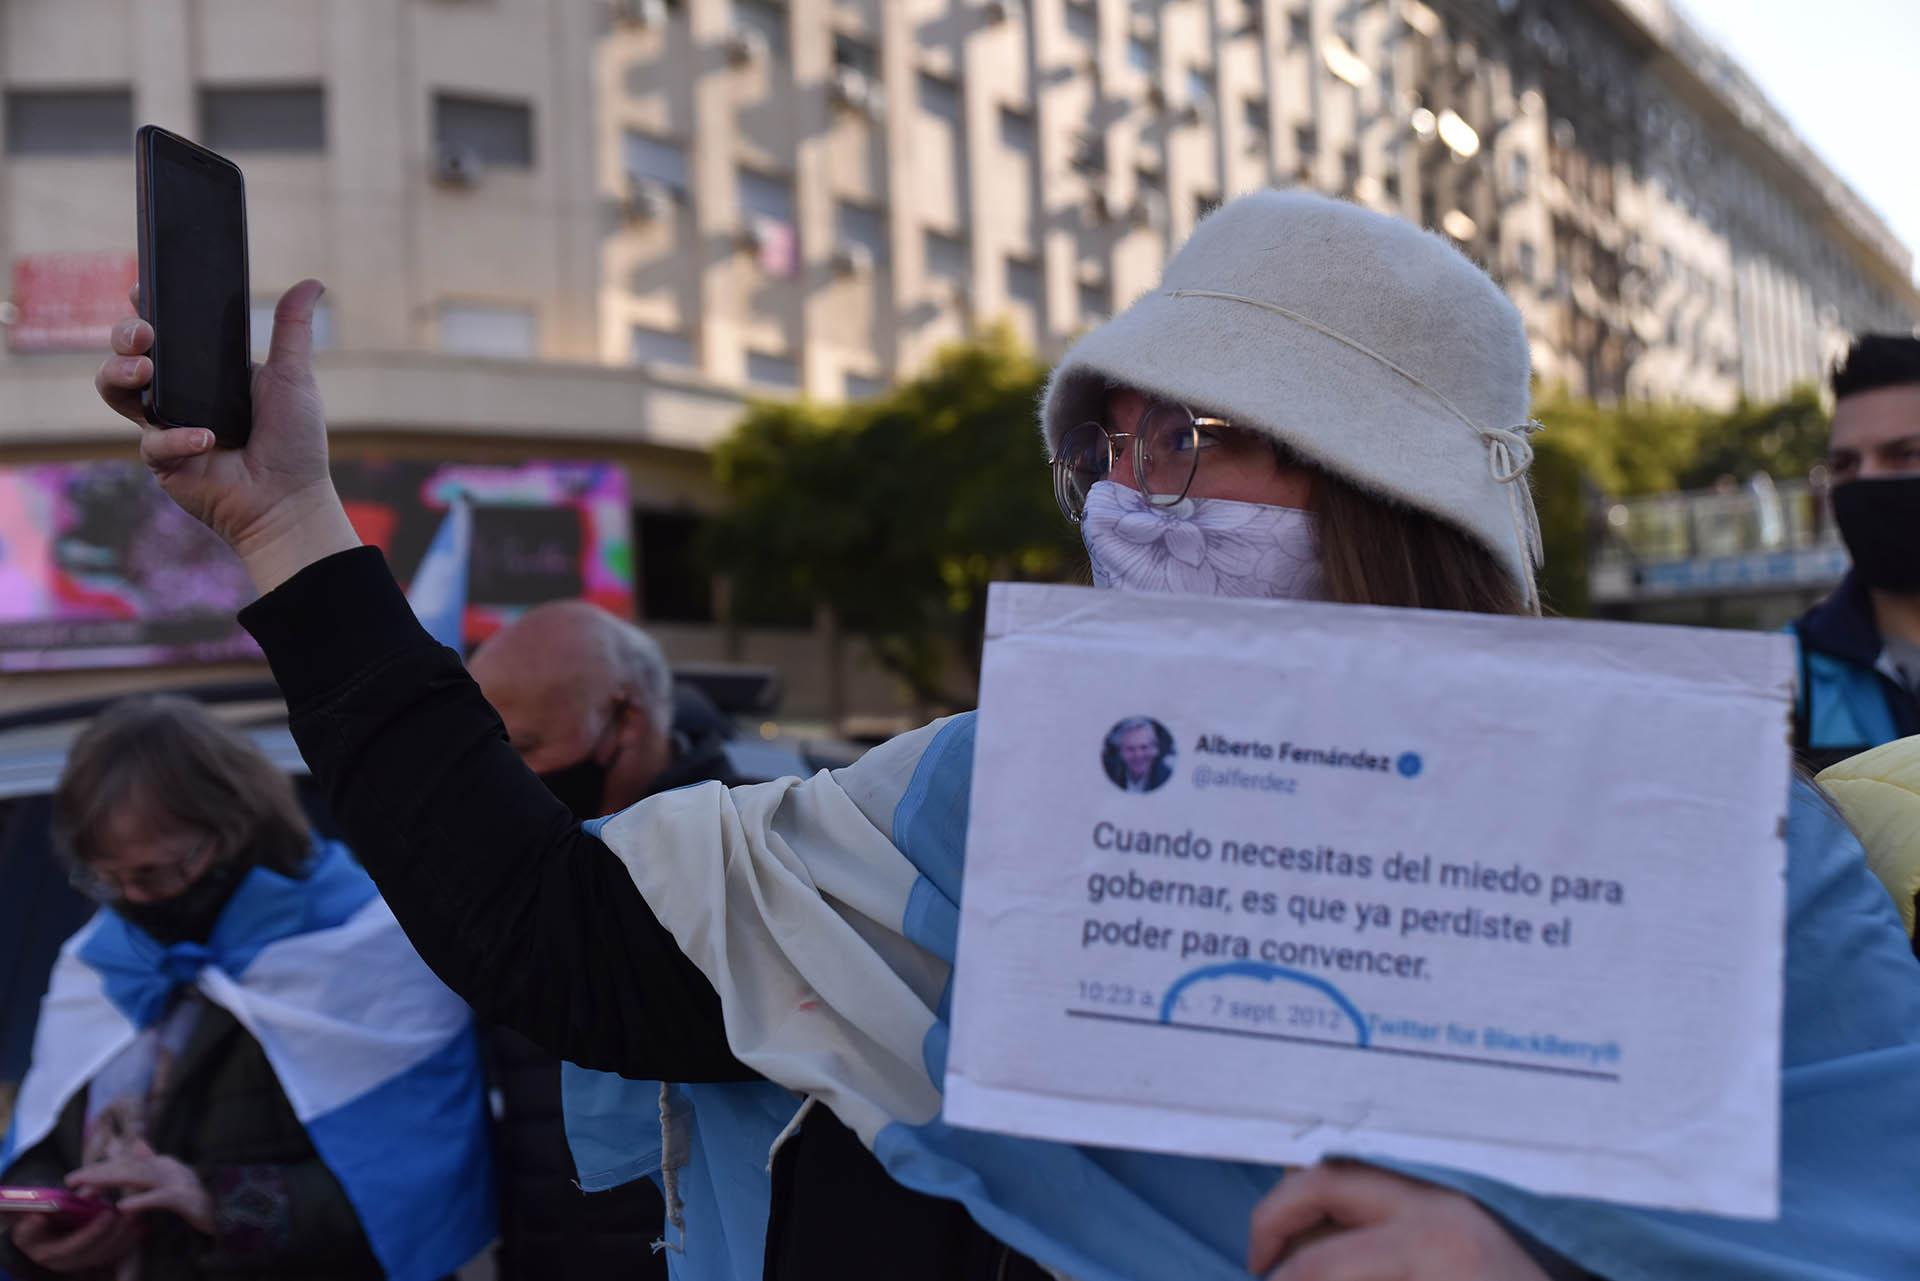 """Tras los anuncios del viernes 14 de agosto, el presidente Alberto Fernández prorrogó por décima vez el Aislamiento """"Social, Preventivo y Obligatorio"""" (ASPO) en la Argentina, desde que fue implementado por primera vez el 20 de marzo último como una de las medidas para enfrentar la pandemia del COVID-19. Varias personas están desacuerdo y por eso decidieron manifestarse hoy (Franco Fafasuli)"""